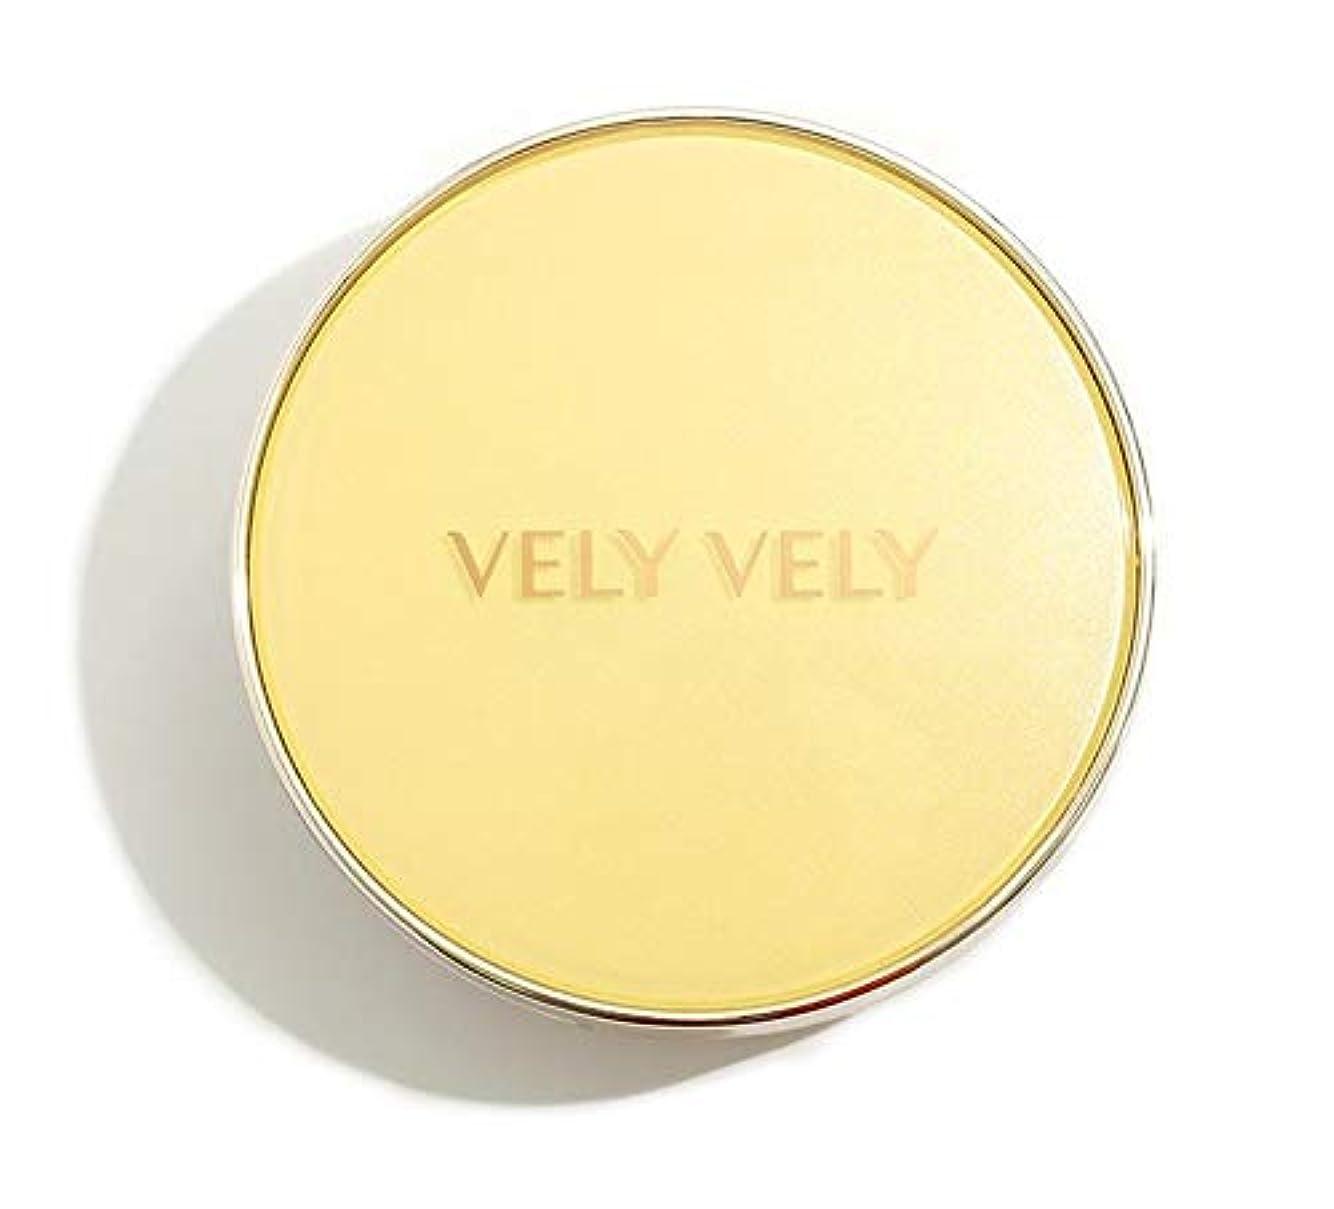 考古学的な形容詞無力VELY VELY Aura Honey Glow Cushion/ブリーブリーアウラハニーグロークッション[単品 15g+リフィル15g] (21号 ライト[本品+リフィル]) [並行輸入品]